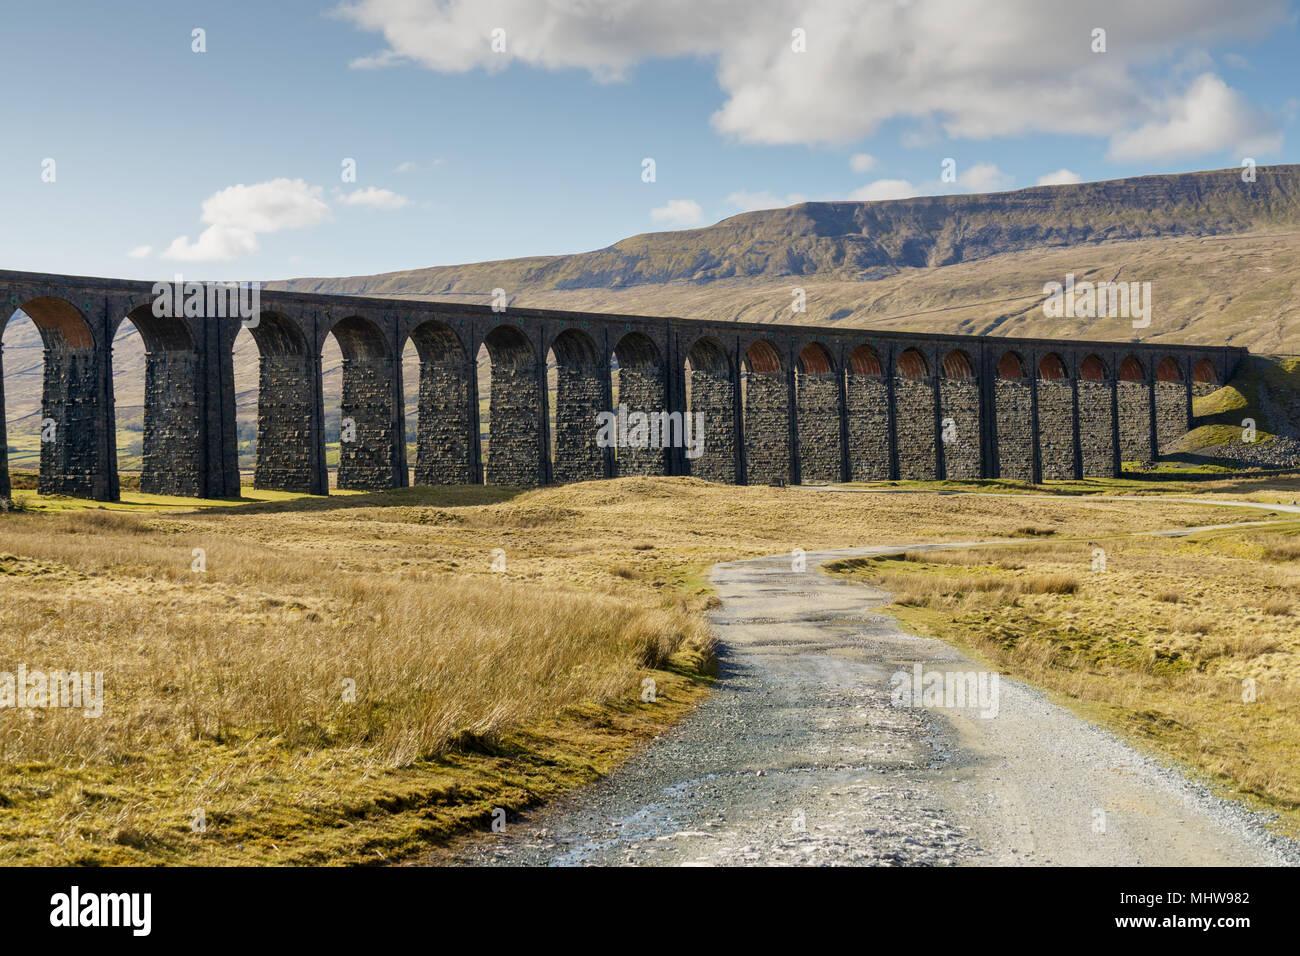 Le viaduc de Ribblehead et le chemin qui mène à elle. Photo Stock